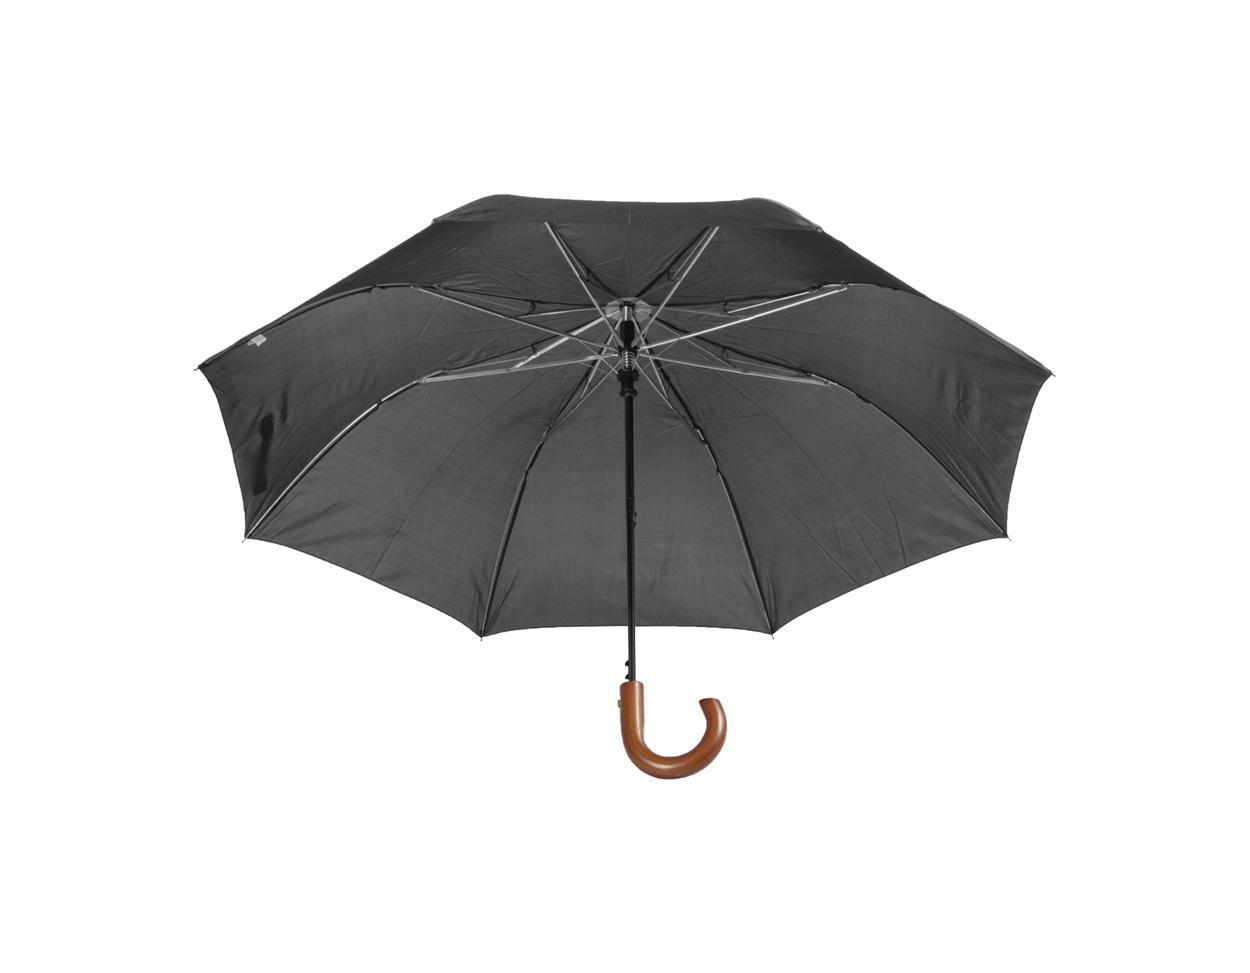 fekete Stansed összecsukható fanyelû esernyõ